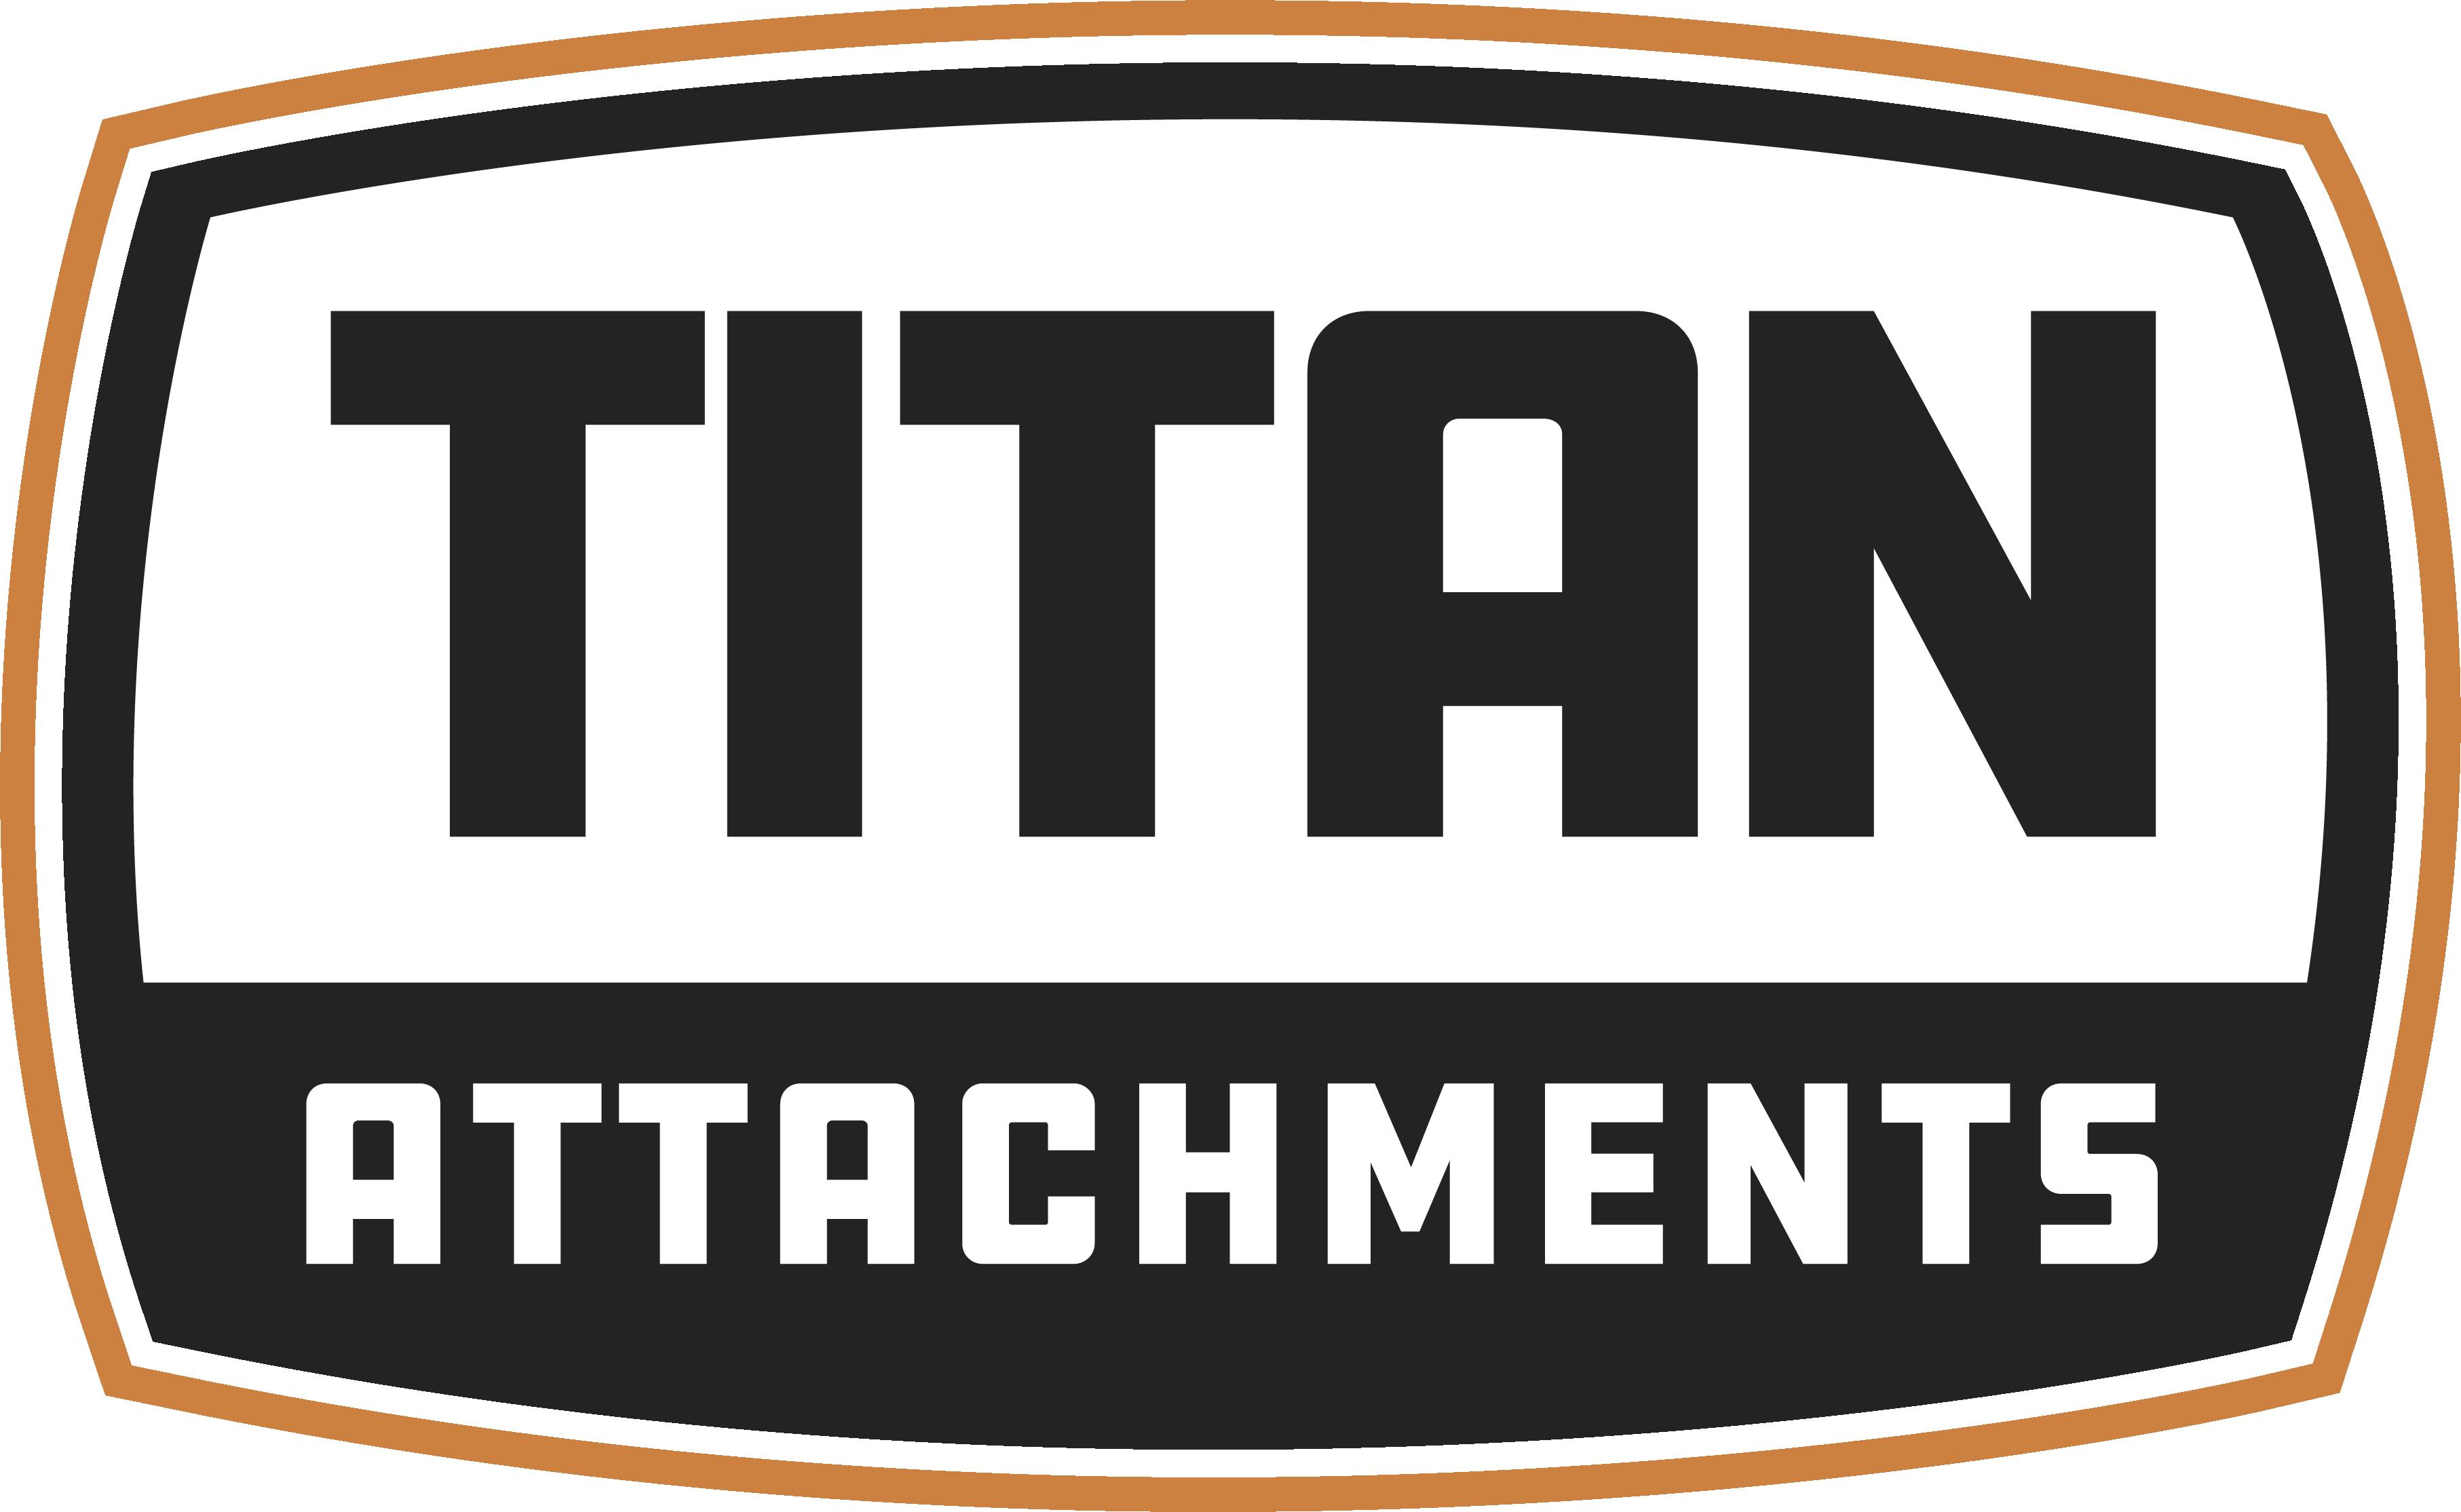 Titan Attachments Primary Logo